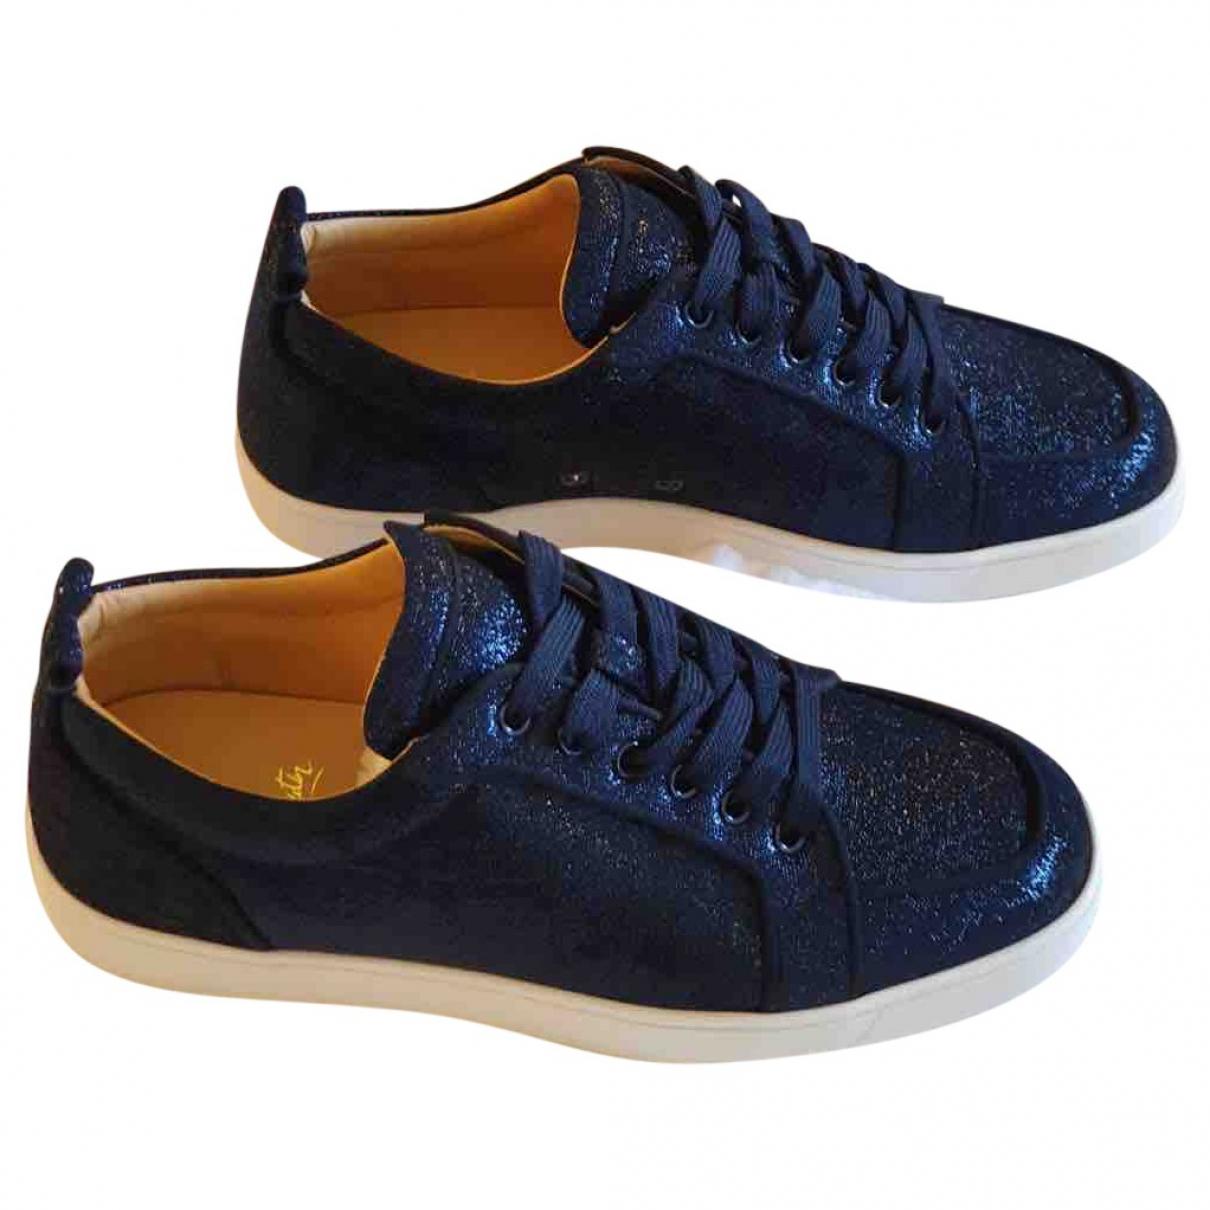 Christian Louboutin \N Sneakers in  Marine Mit Pailletten